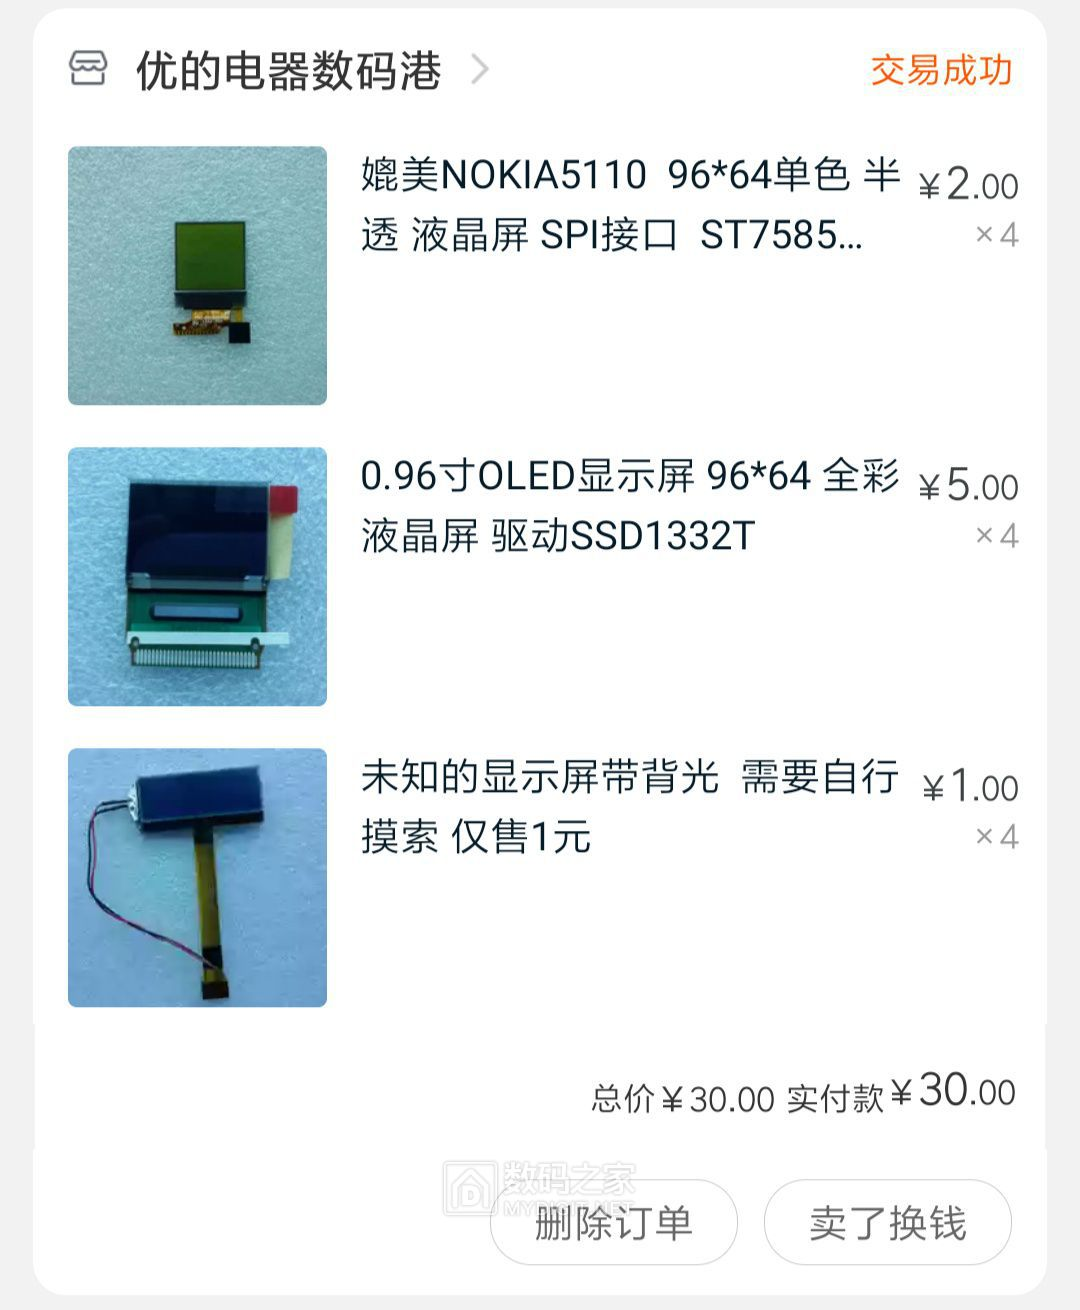 Screenshot_2020-08-24-21-48-59-099_com.taobao.tao.png